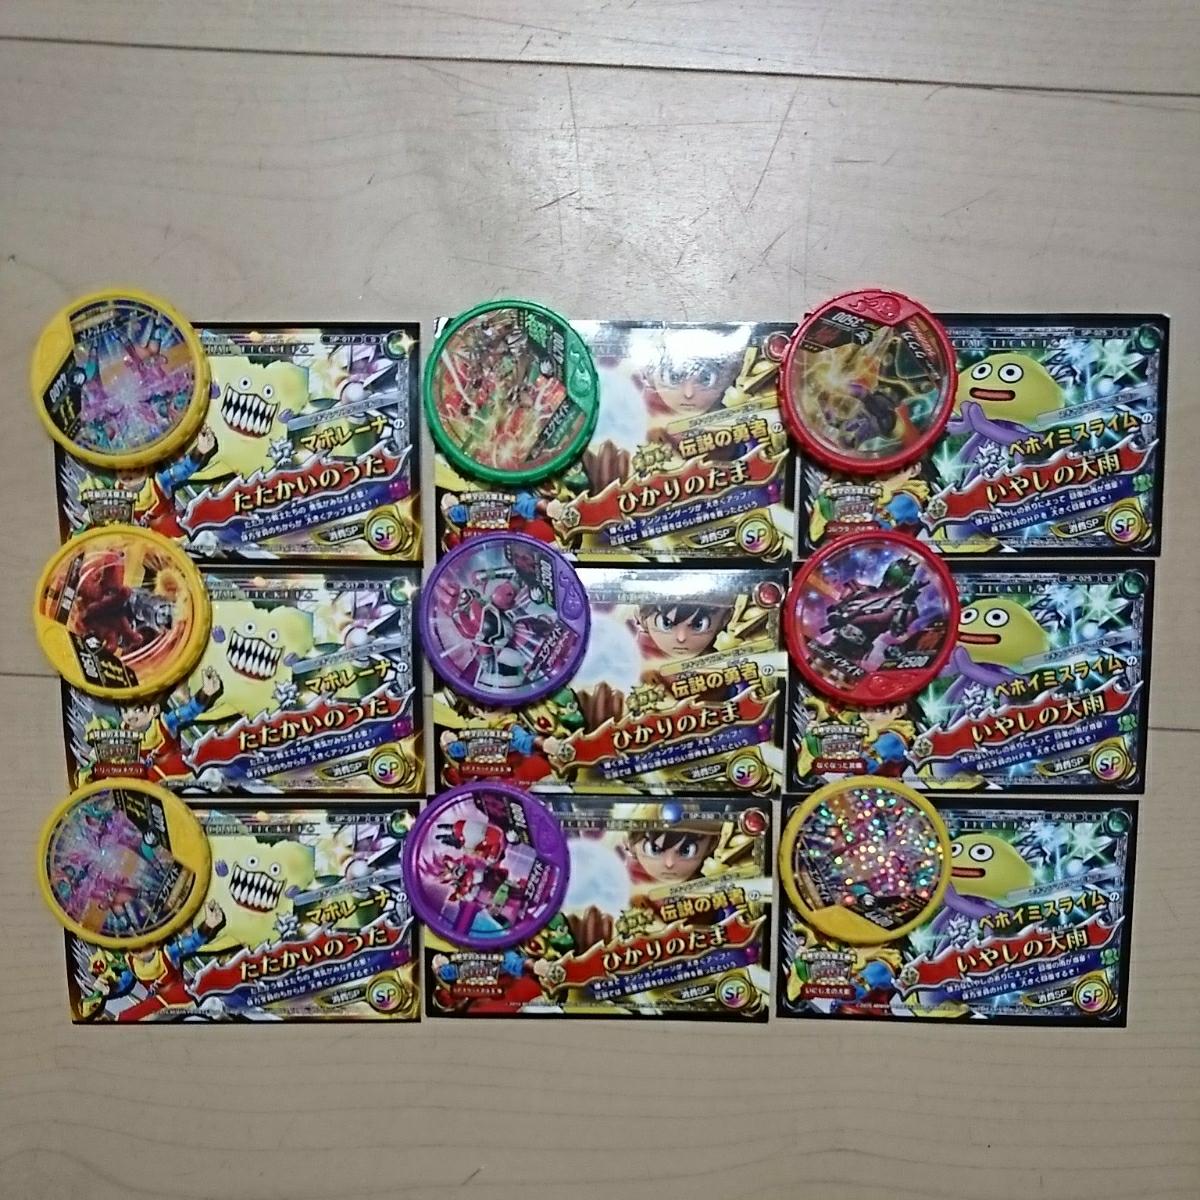 ドラクエモンスターバトルスキャナー スペシャルチケット大量(送無) スキャンバトラーズ使用可_画像5